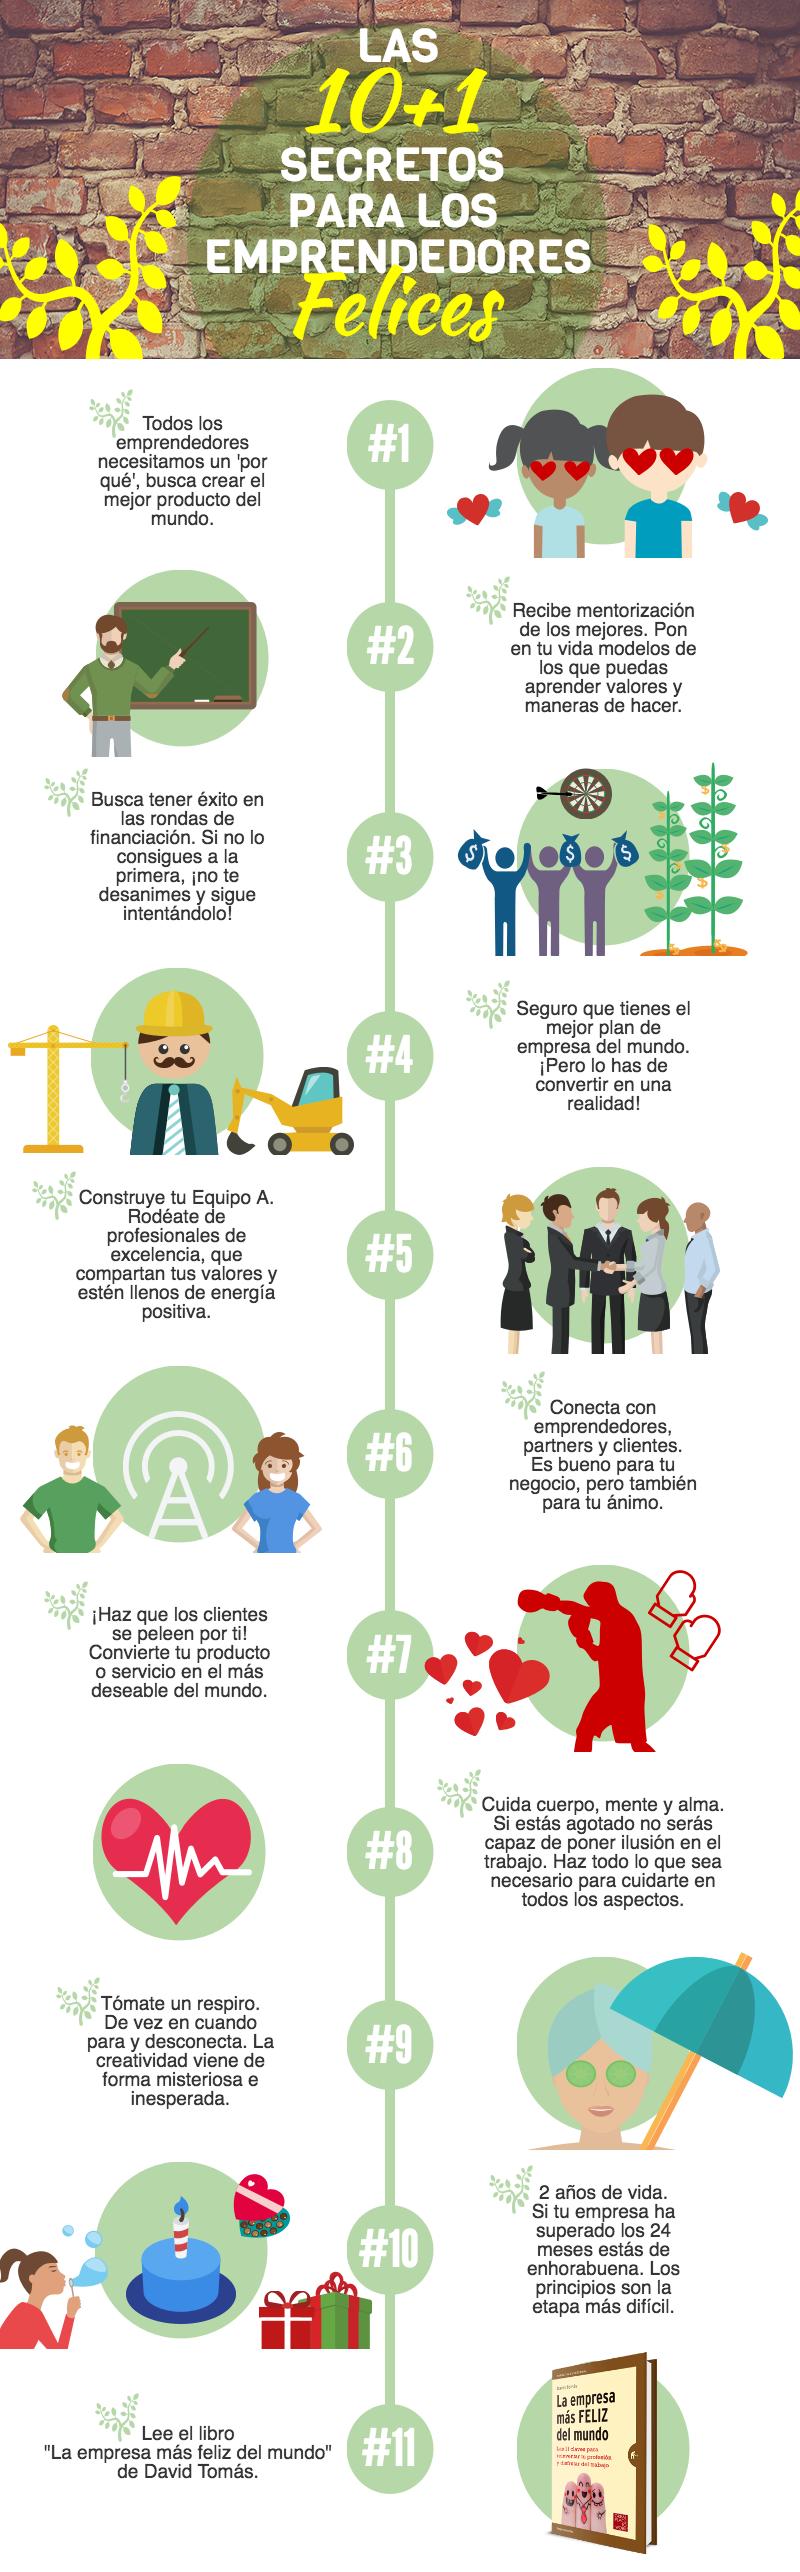 Los 10+1 secretos para los emprendedores felices